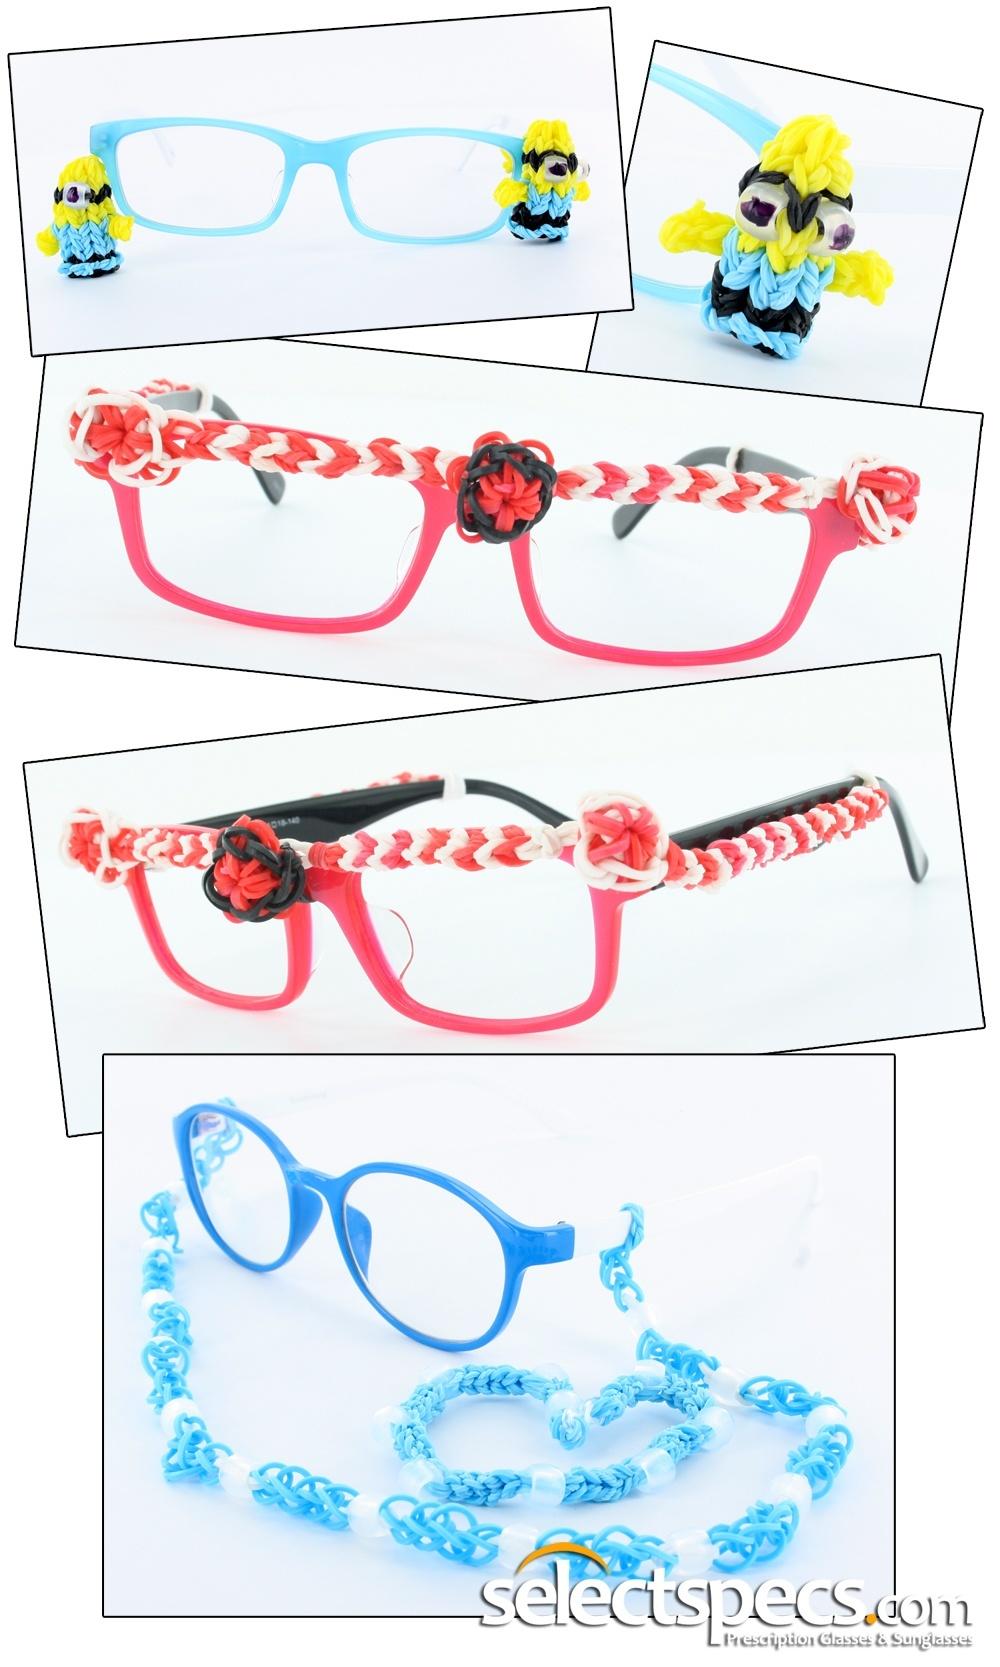 SelectSpecs-loom-band-glasses